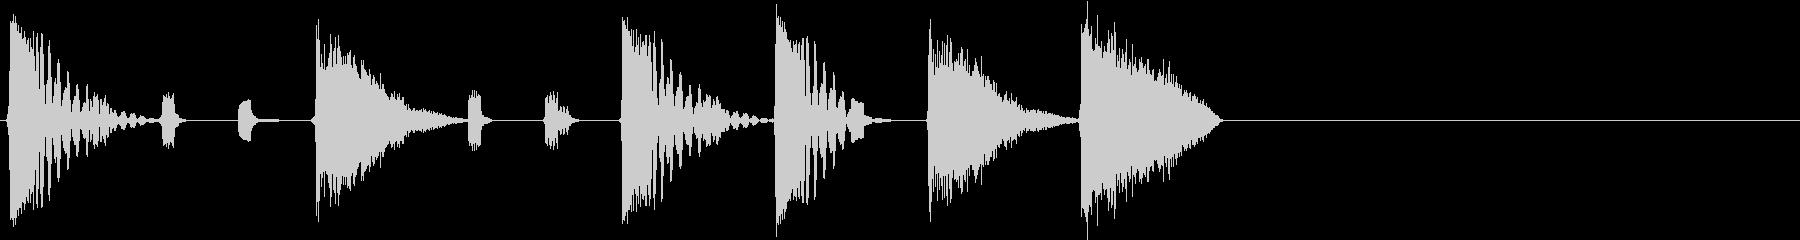 選択画面のイメージの未再生の波形